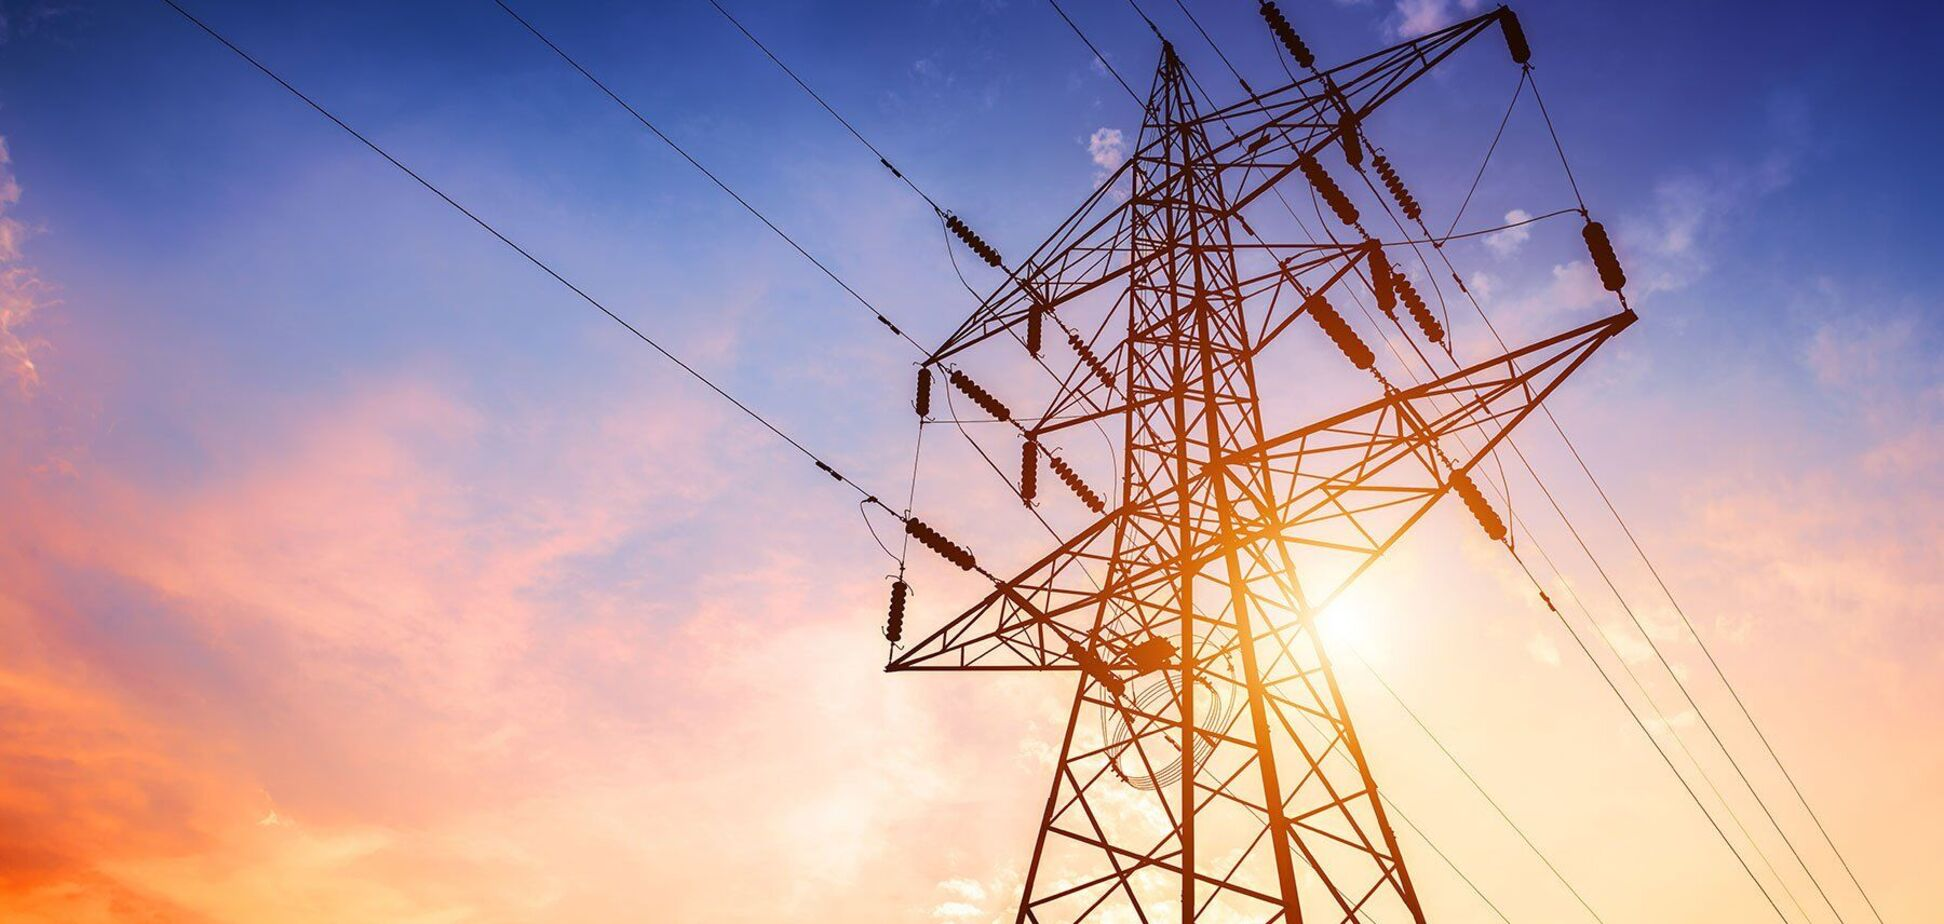 Интеграция с энергосистемой ЕС позволит устранить системные проблемы на энергорынке, – Тимченко